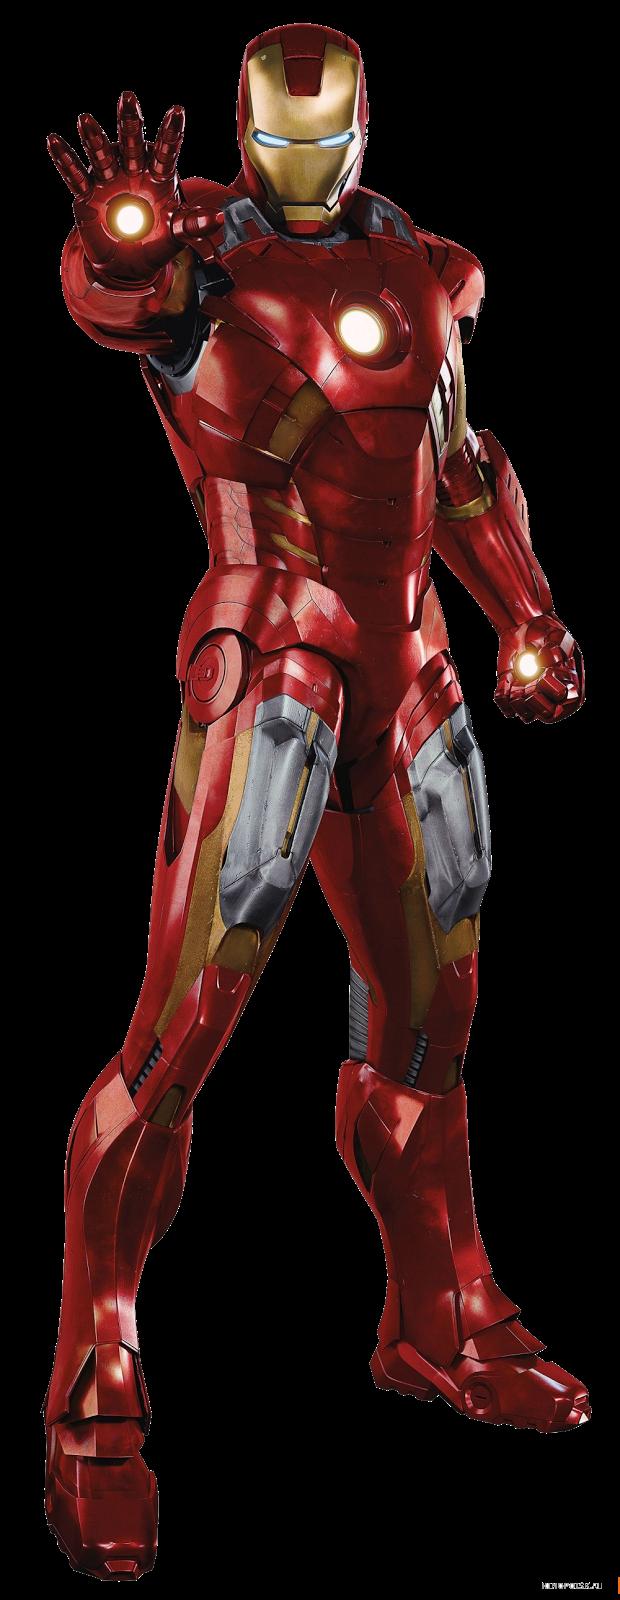 Iron Man Mark Vii Wallpaper Iron Man Mark 7